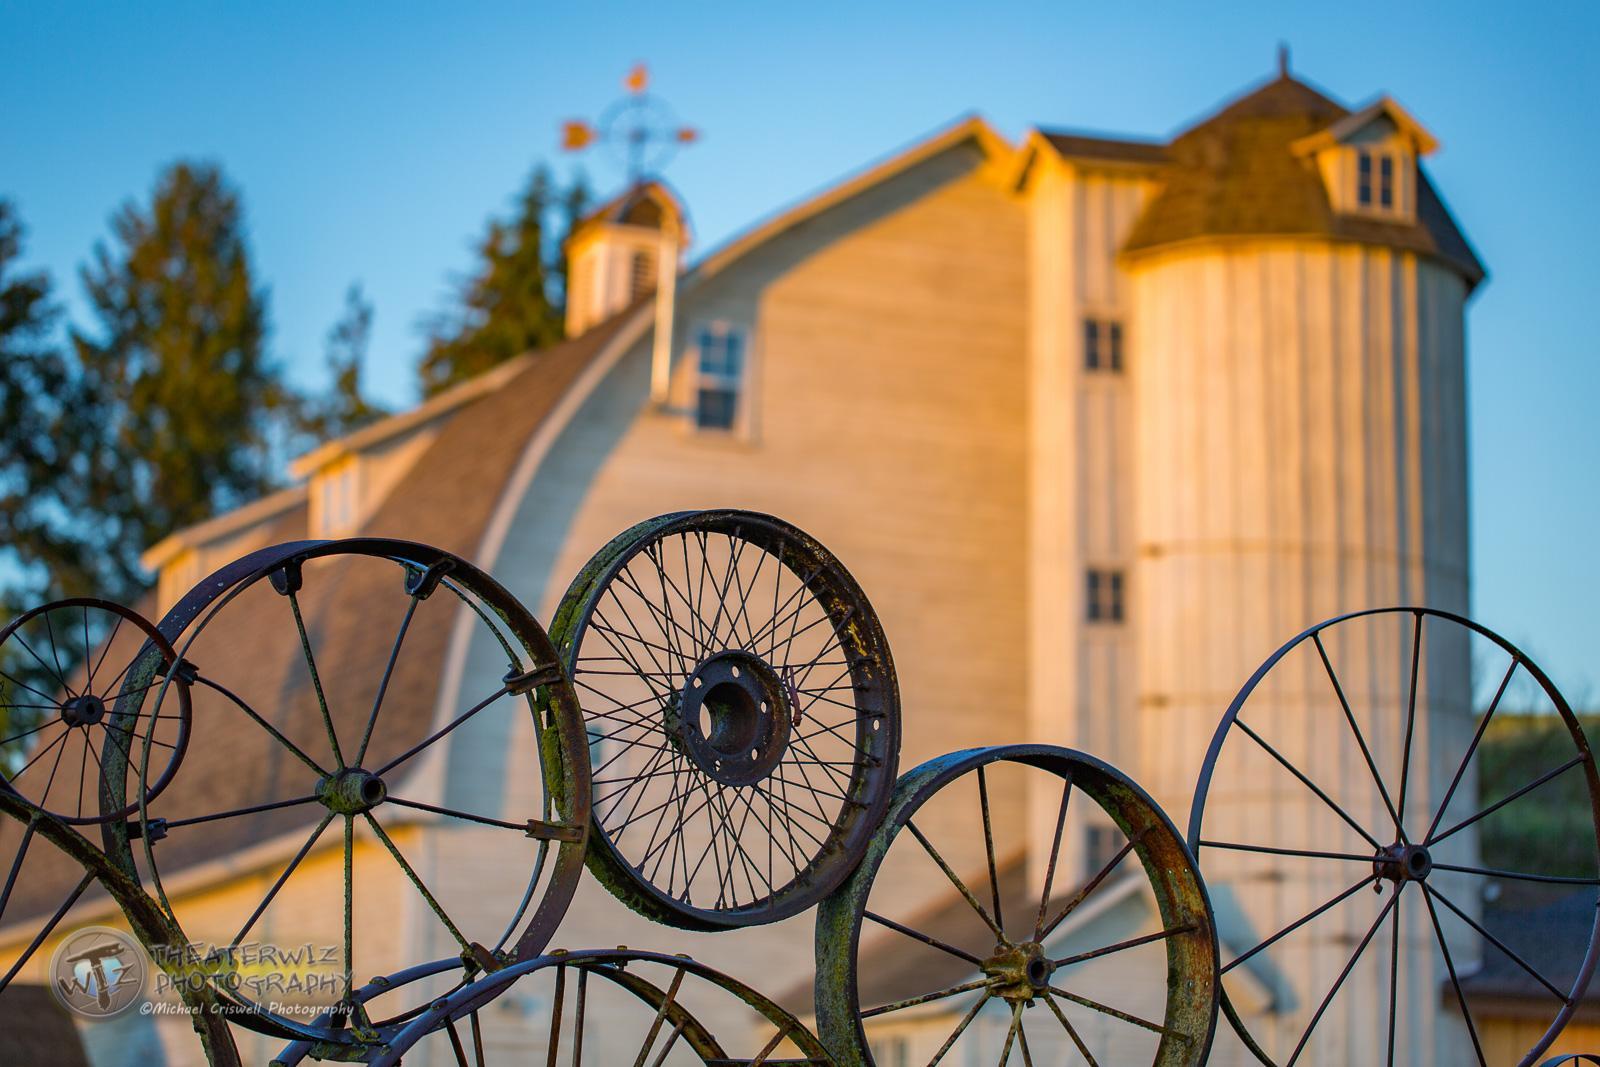 Sunrise at The Wheel Barn